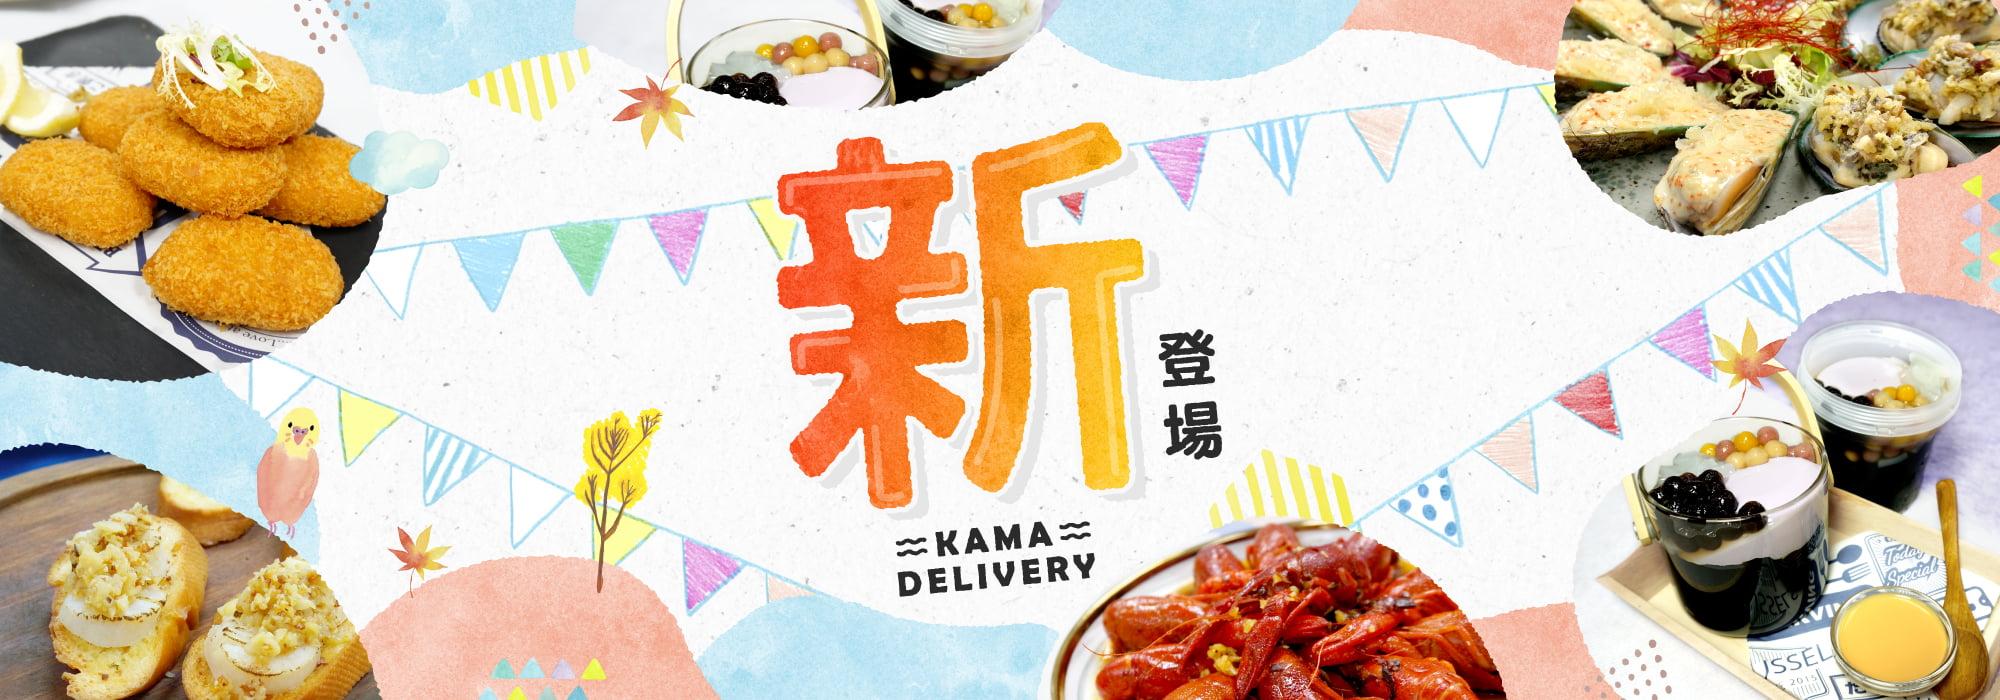 好食到會菜式全新登場【每月更新】|美食到會外賣餐飲服務|Kama Delivery Service